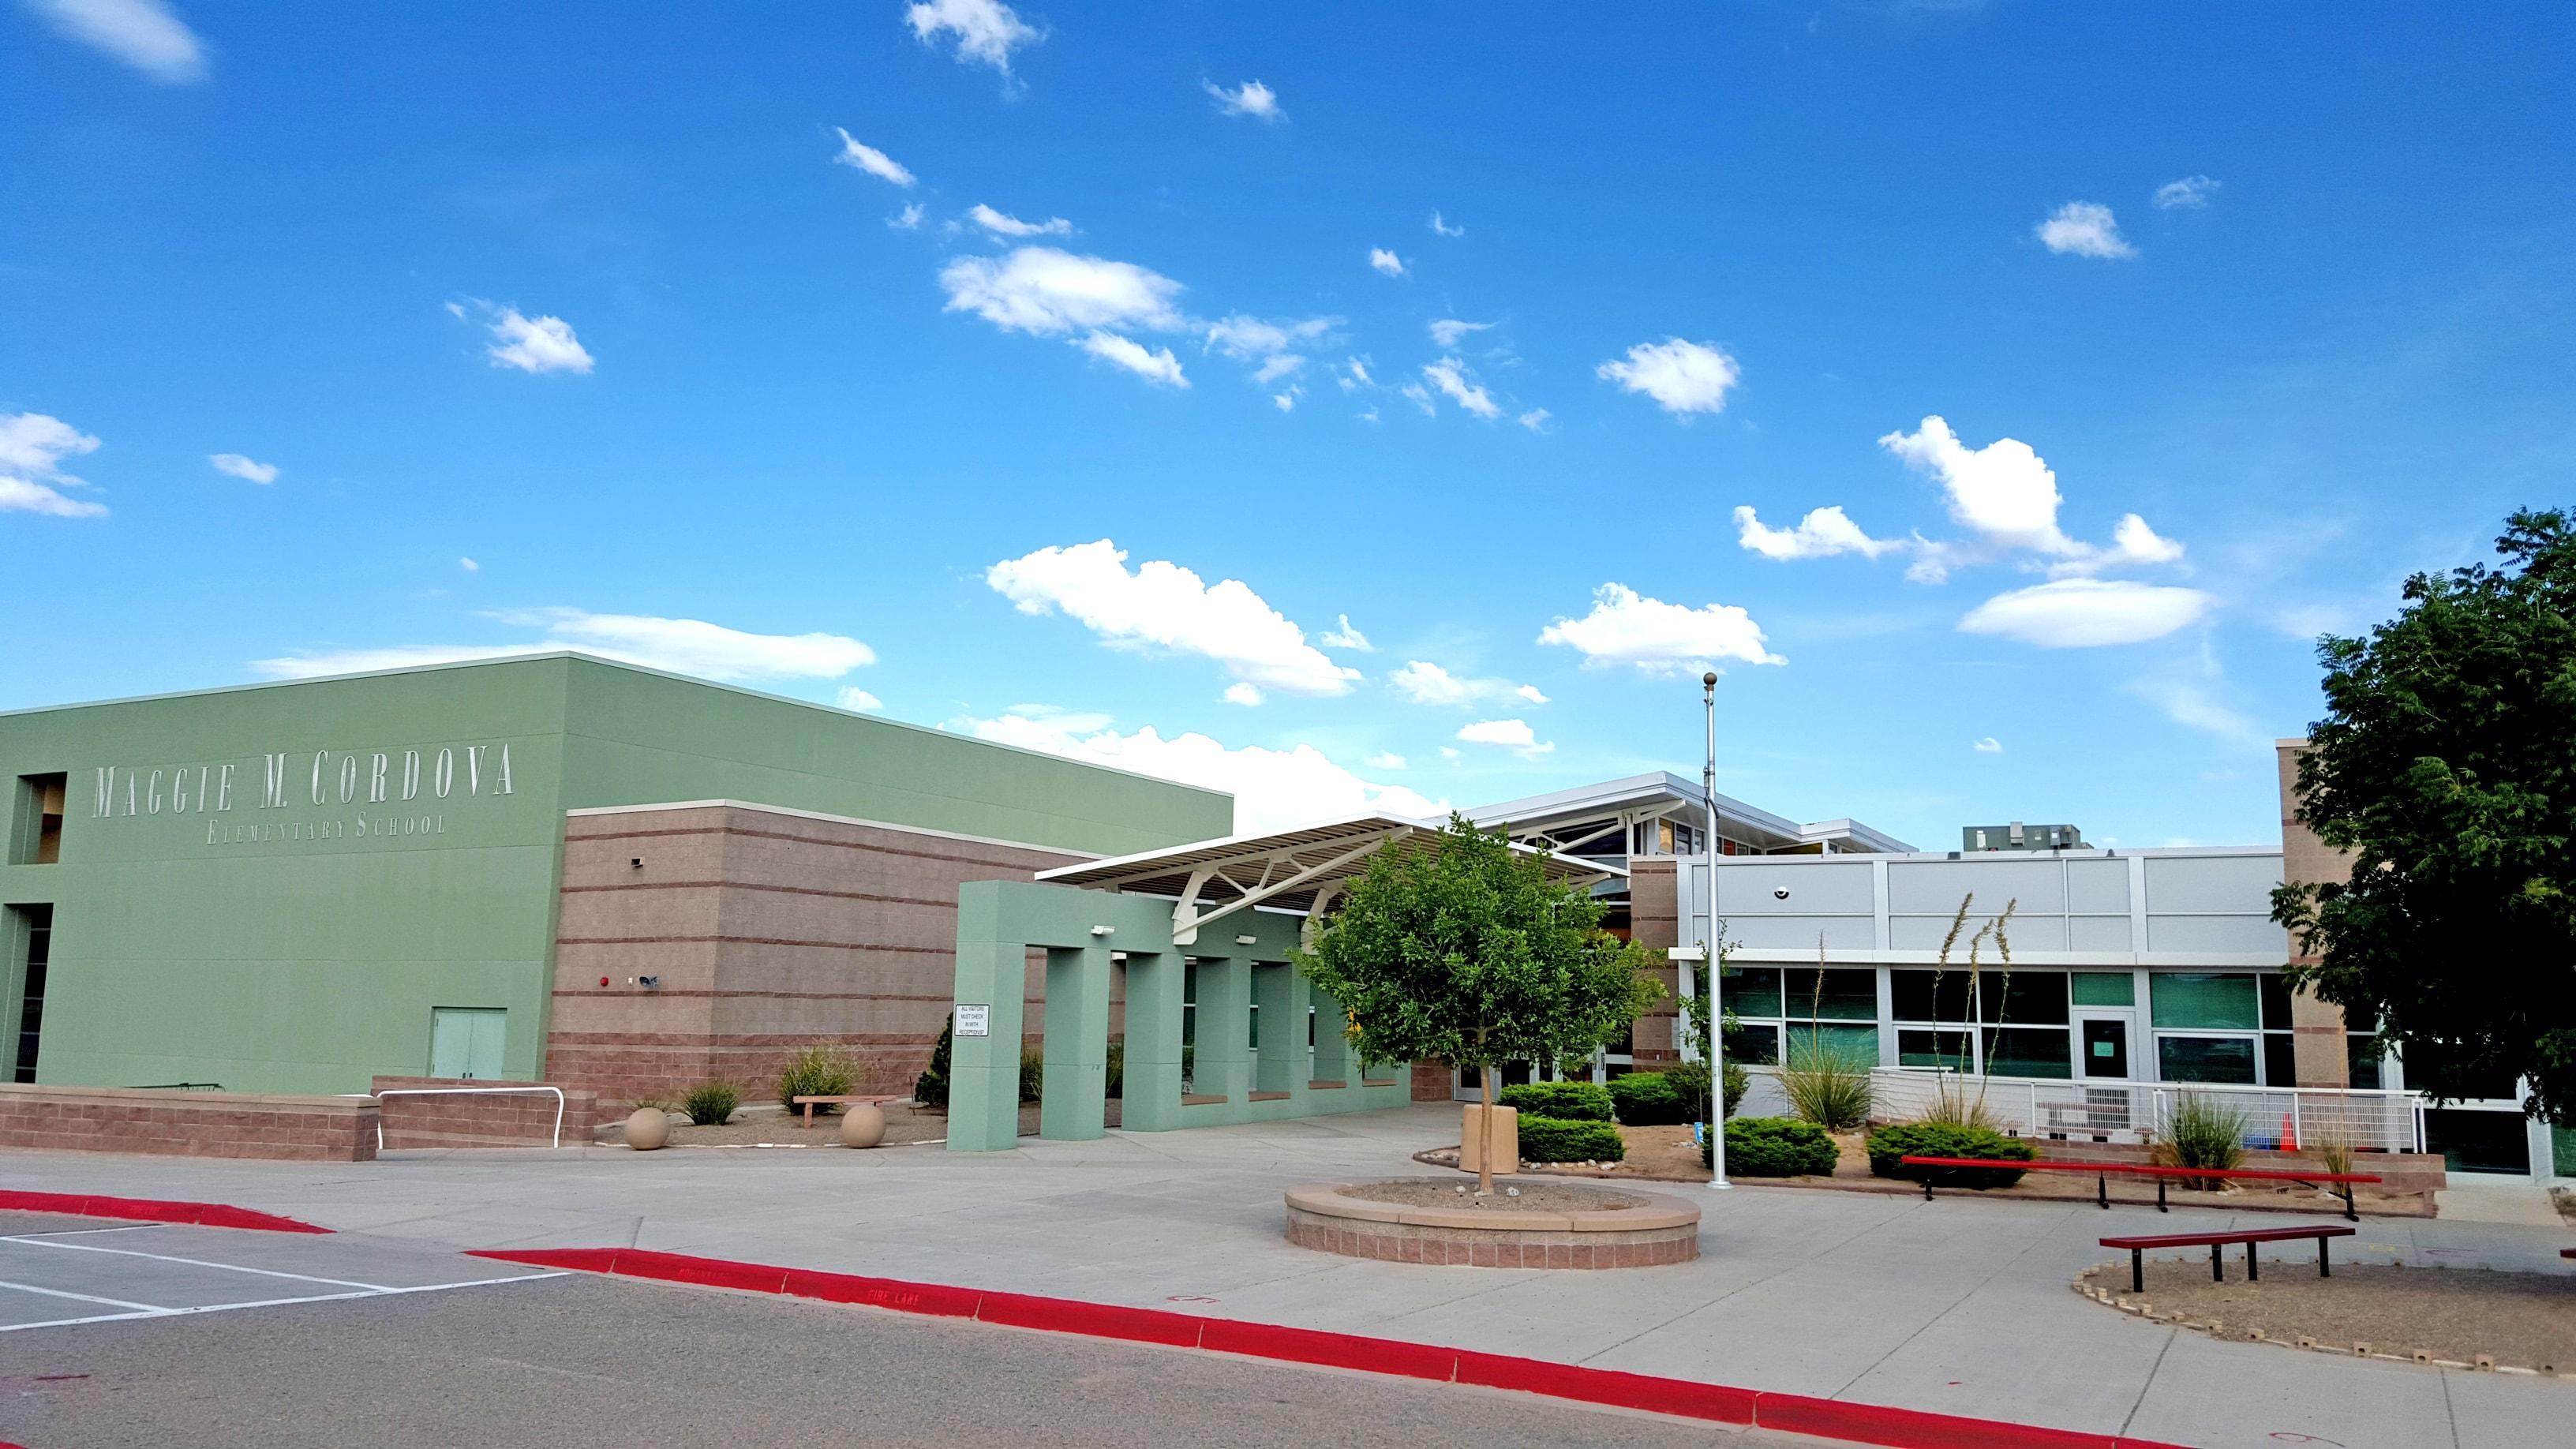 Maggie Cordova Elementary